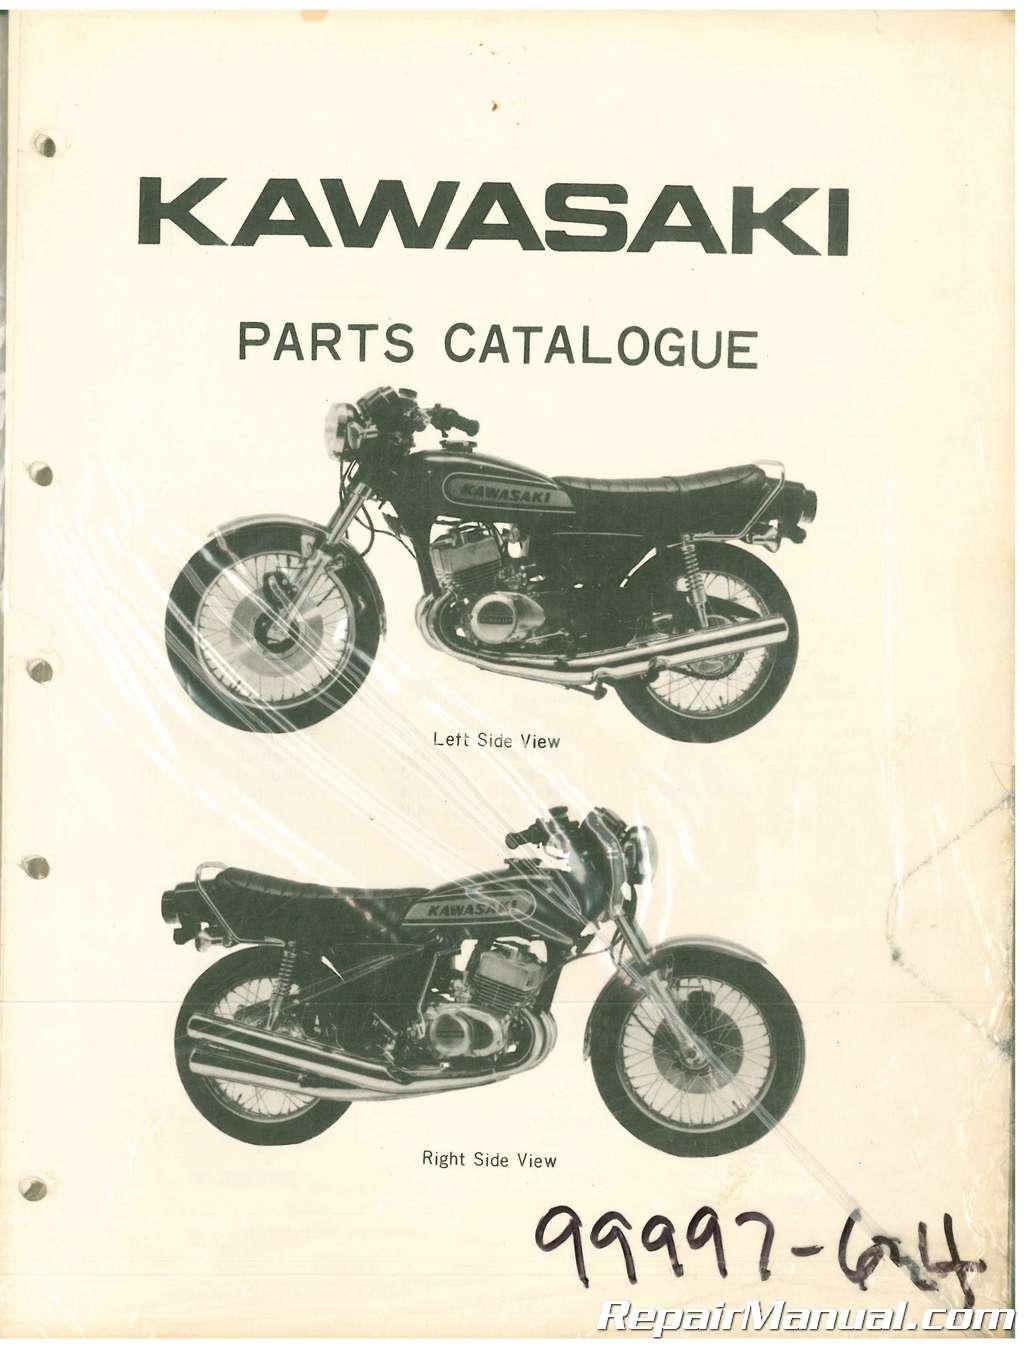 Used Kawasaki 400 S3 Motorcycle Parts Manual